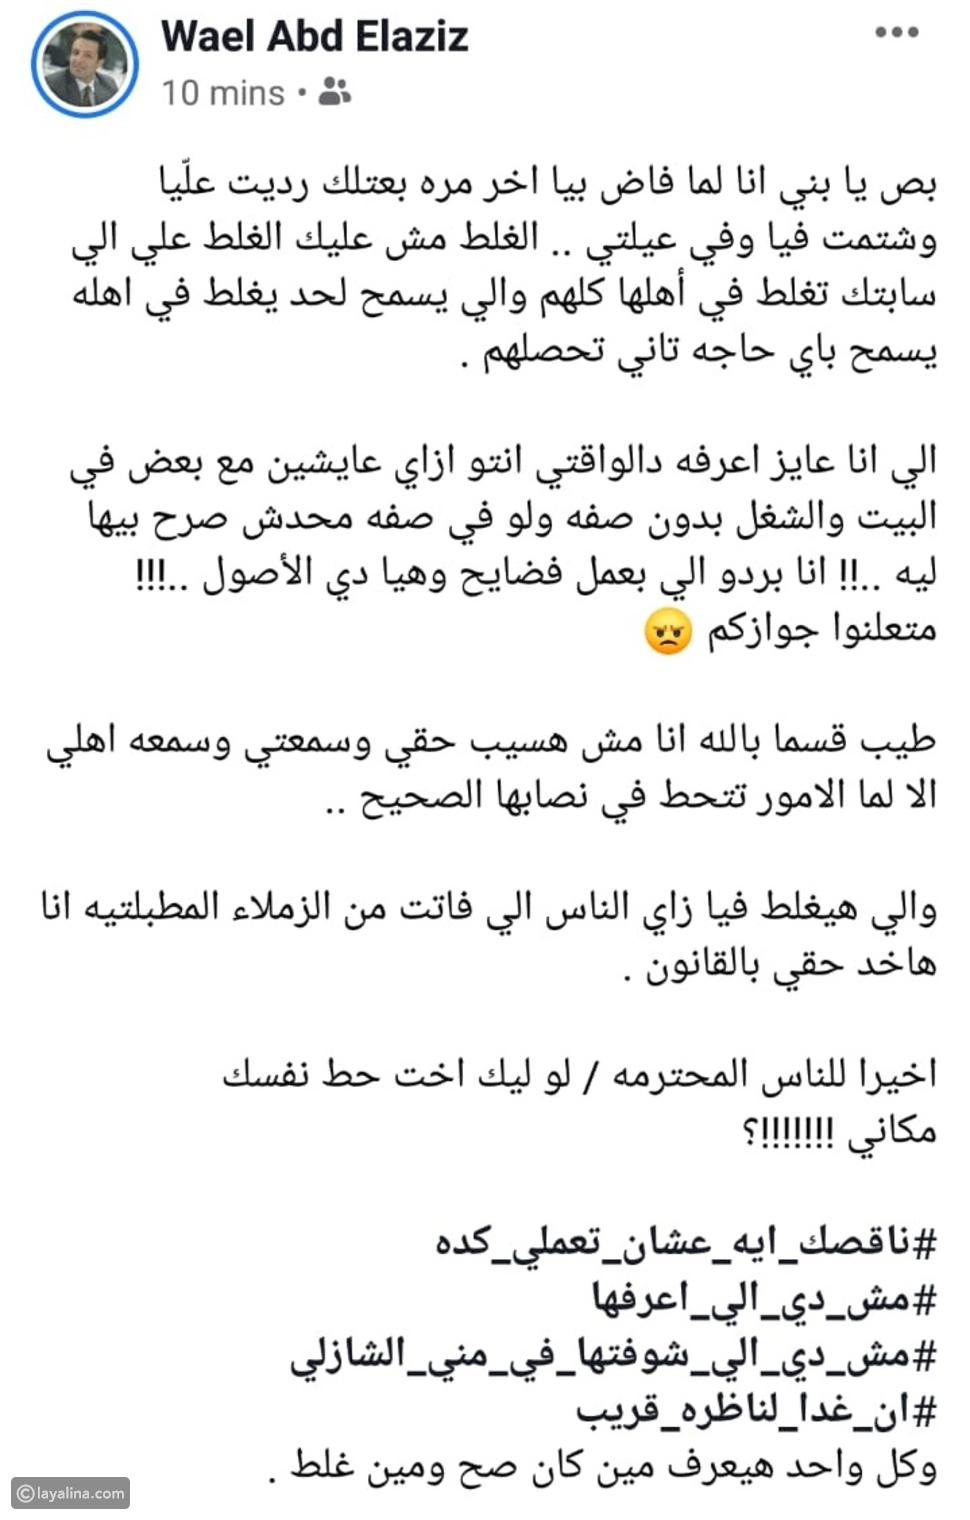 منشور وائل عبد العزيز عن أحمد العوضي